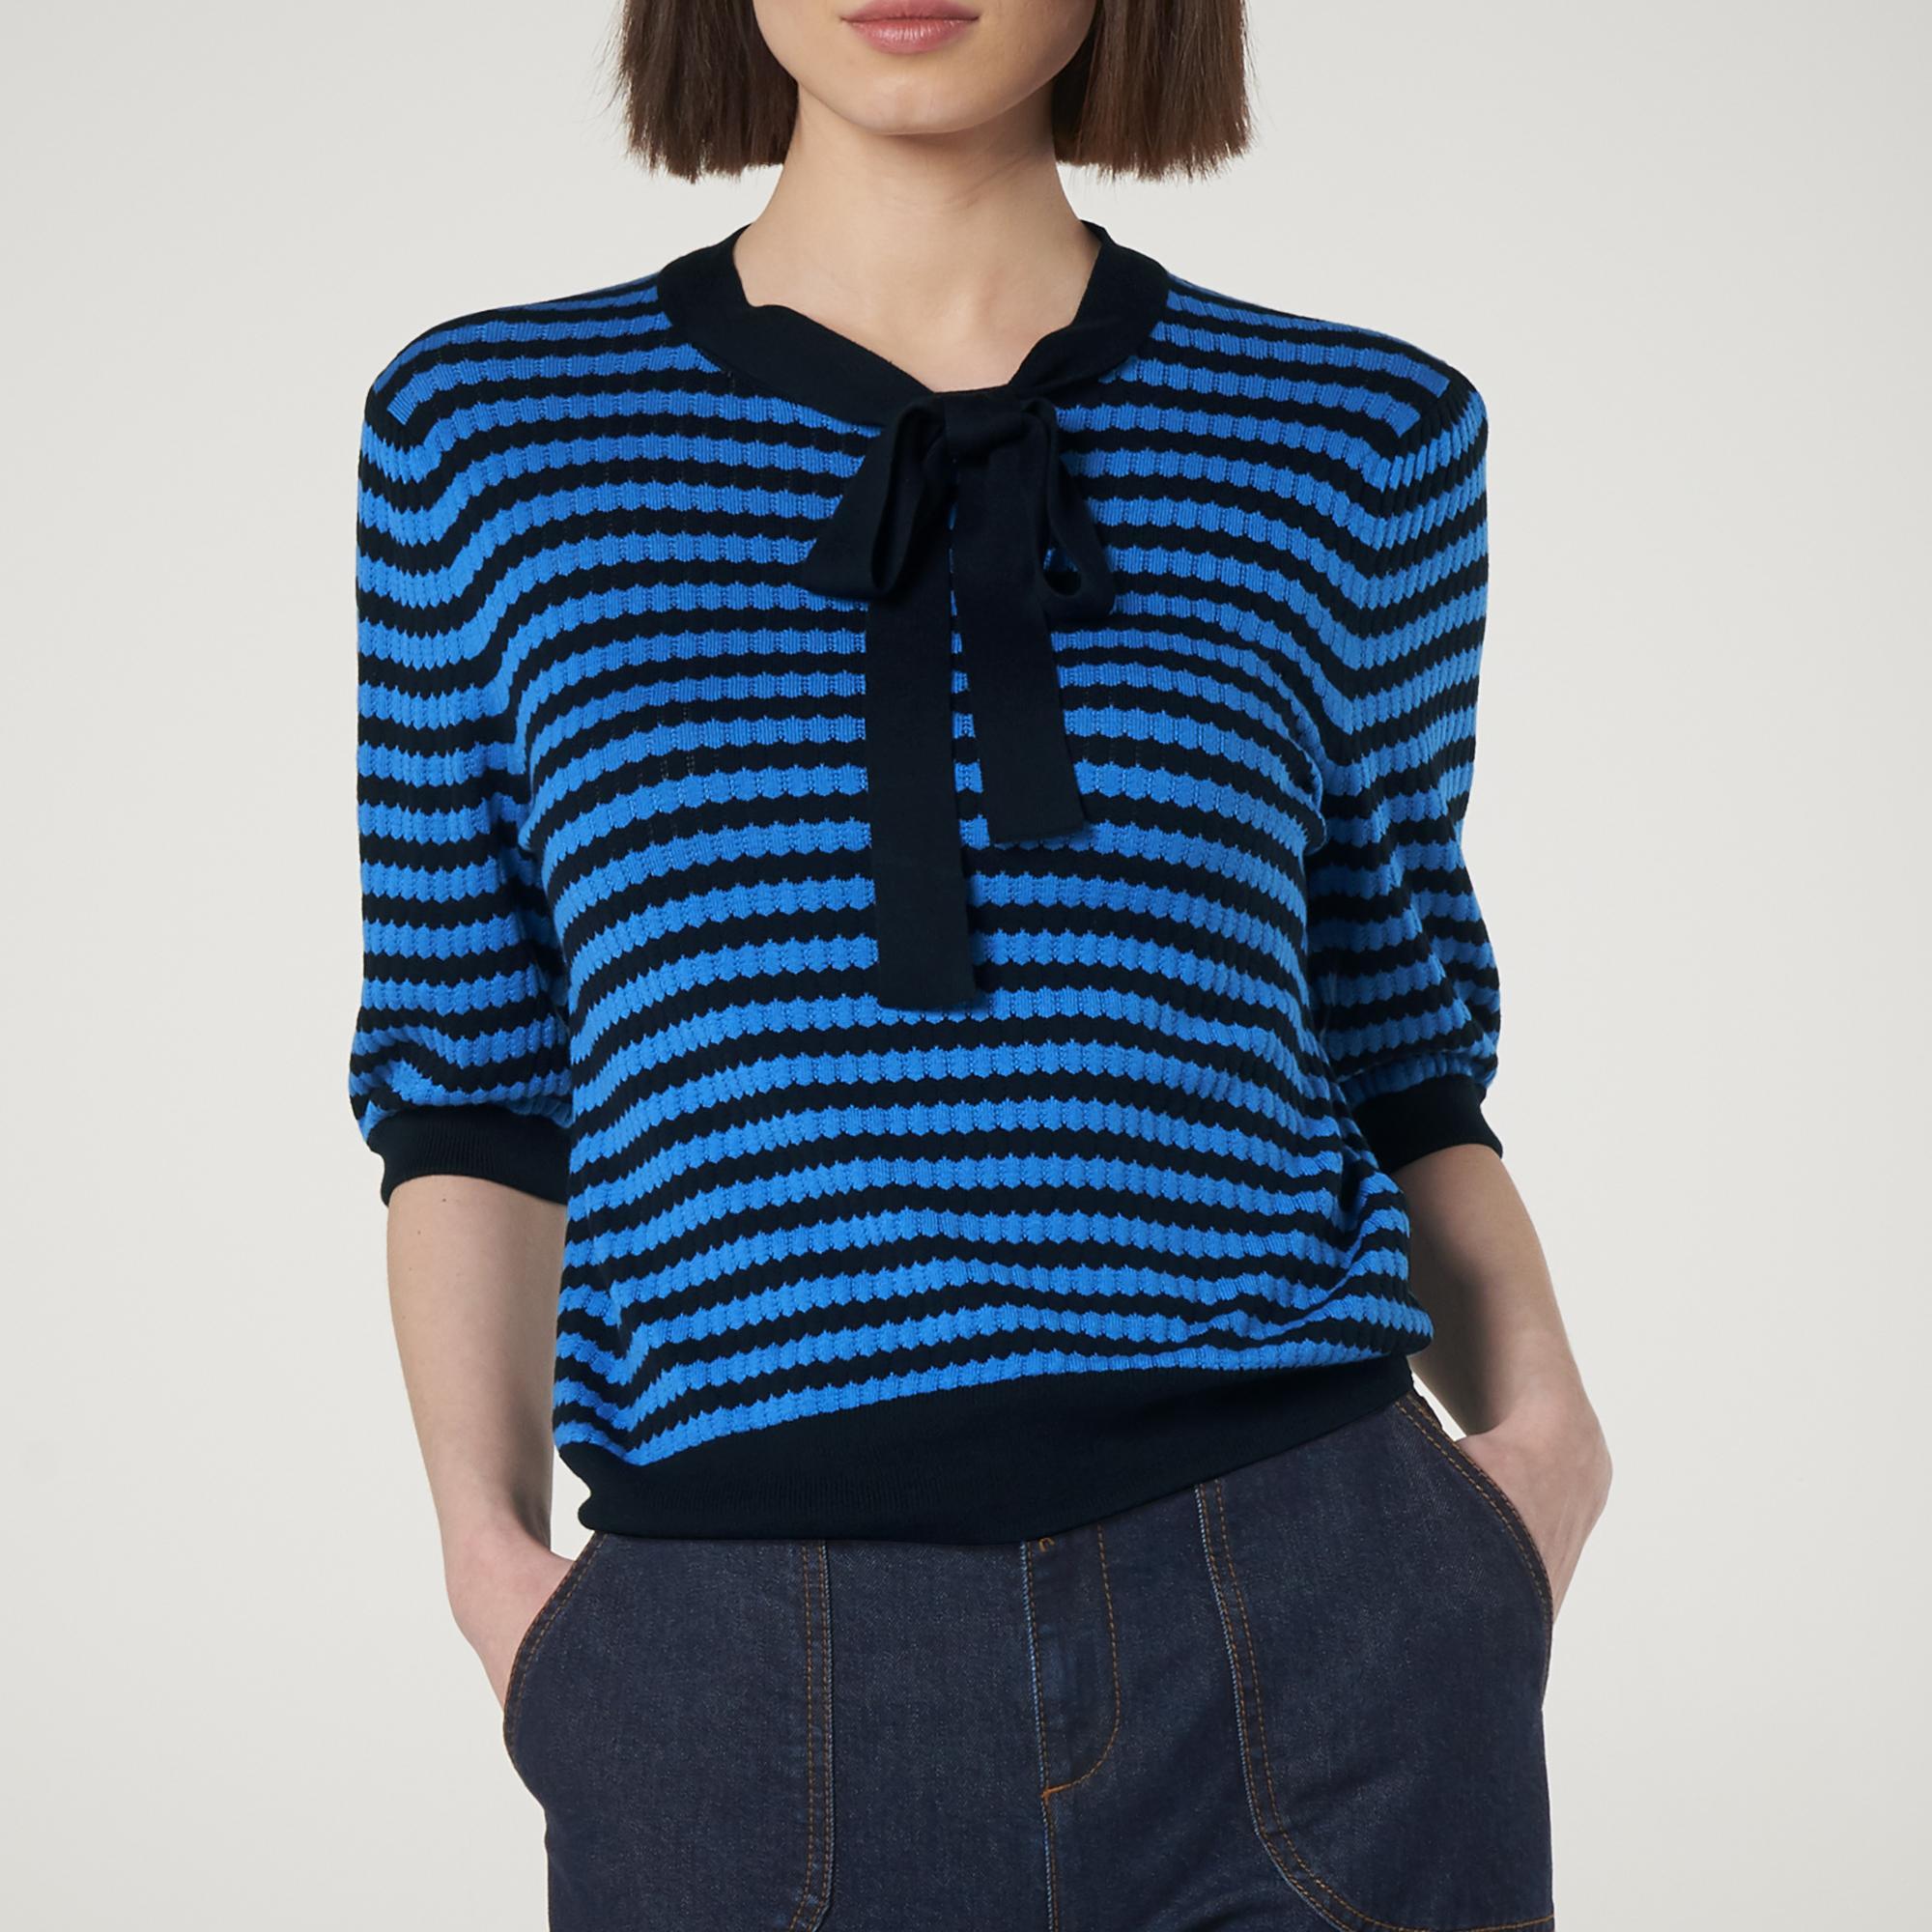 b1f64d8ad Colette Blue Stripe Sweater